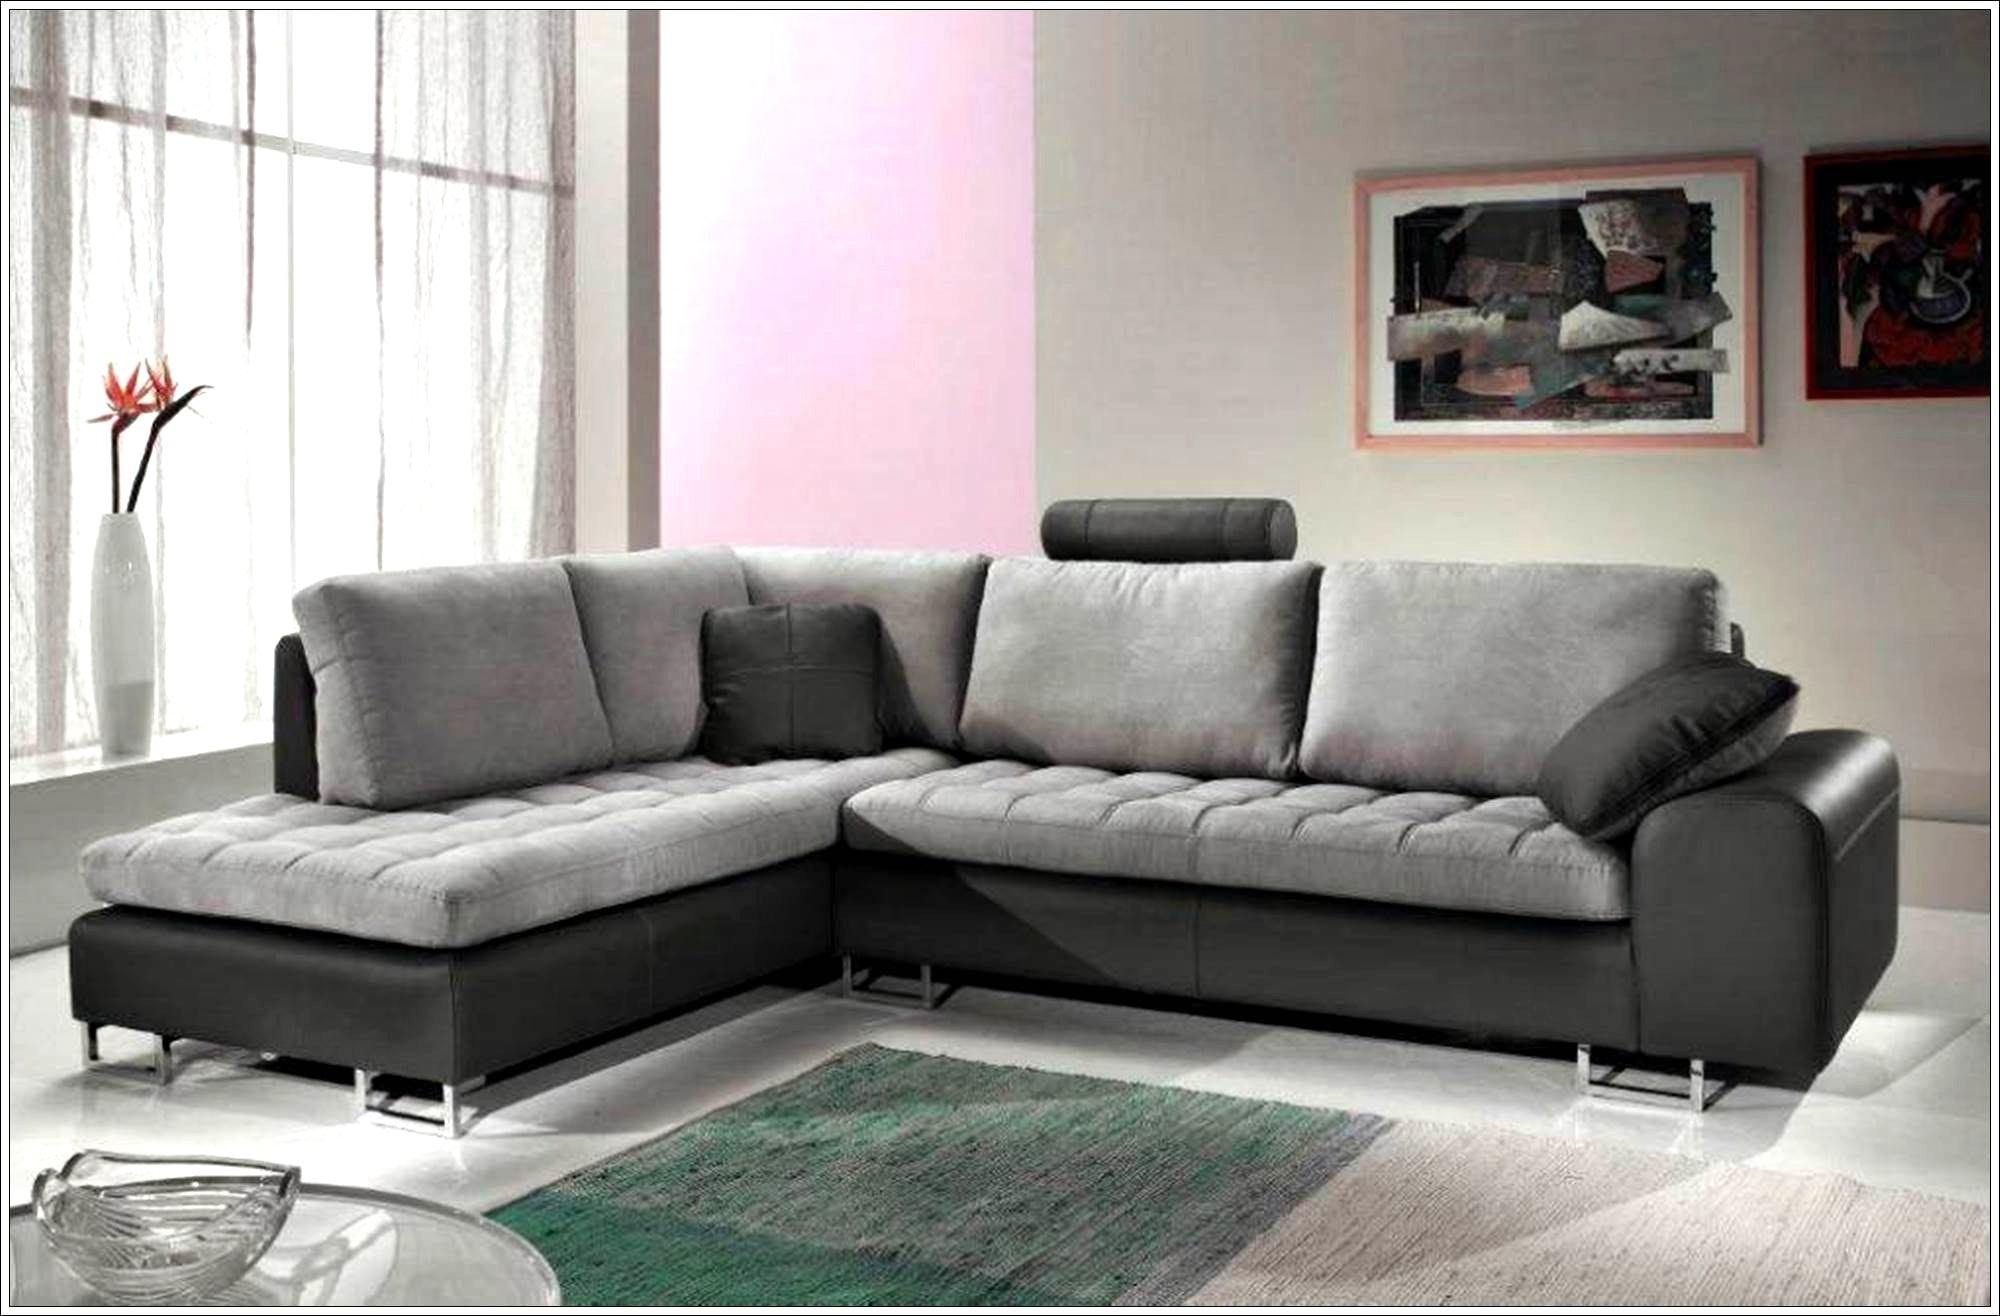 Canapé Angle Gris Chiné Frais Images Incroyable Canapé Gris Design Décor  La Maison Et Intérieur